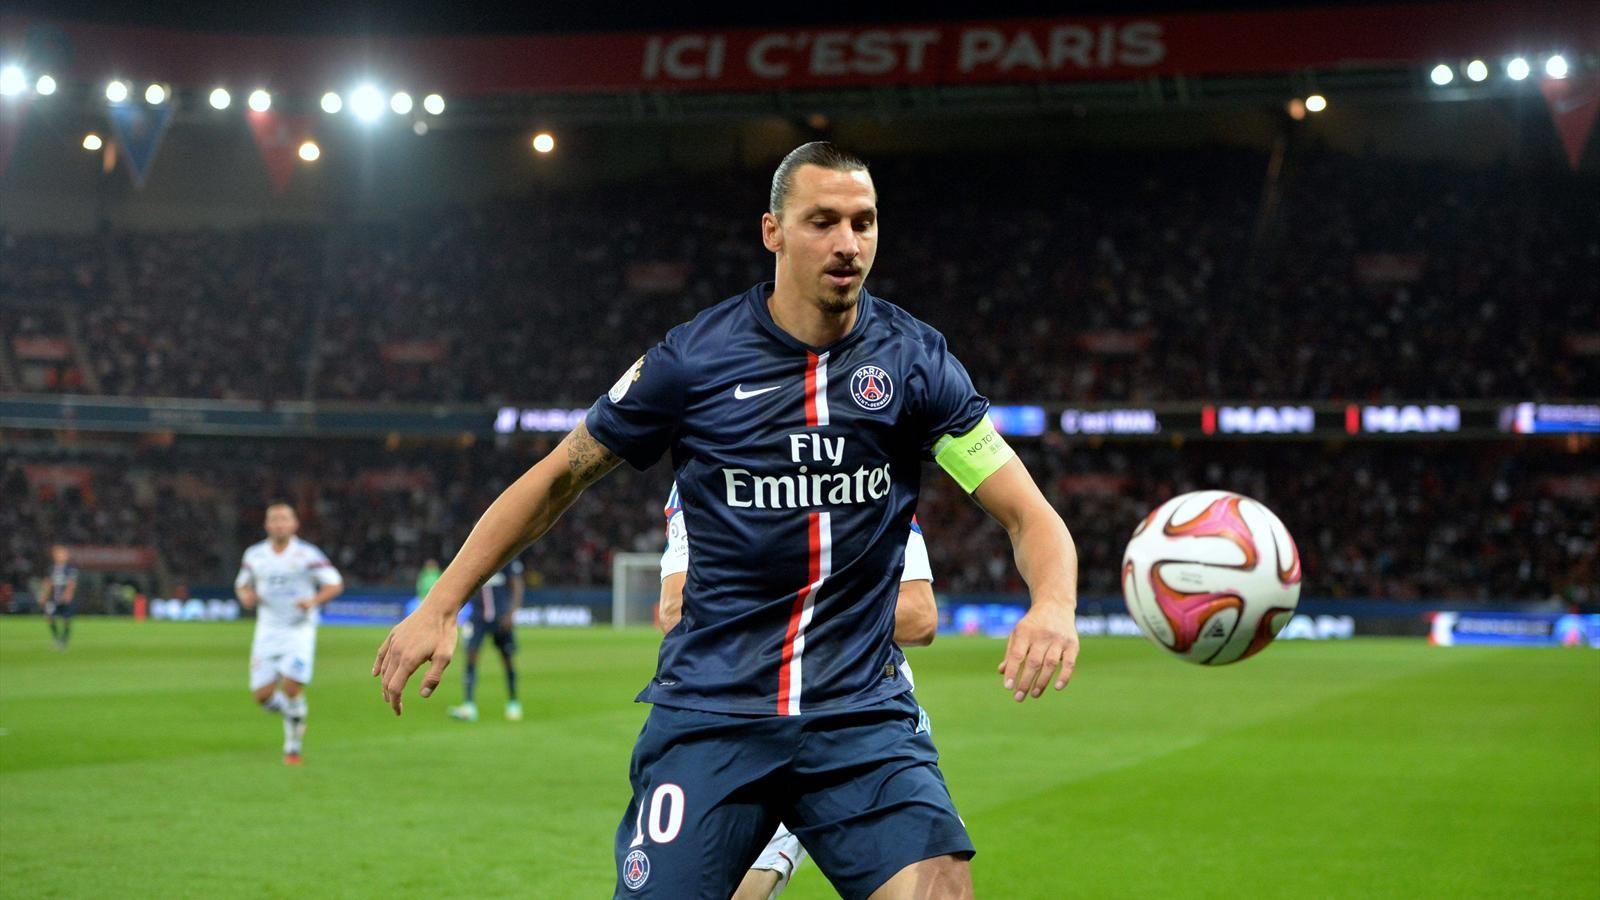 """Le PSG fort challenger pour la LDC ? """"Ça reste à voir"""" répond Zlatan Ibrahimovic"""